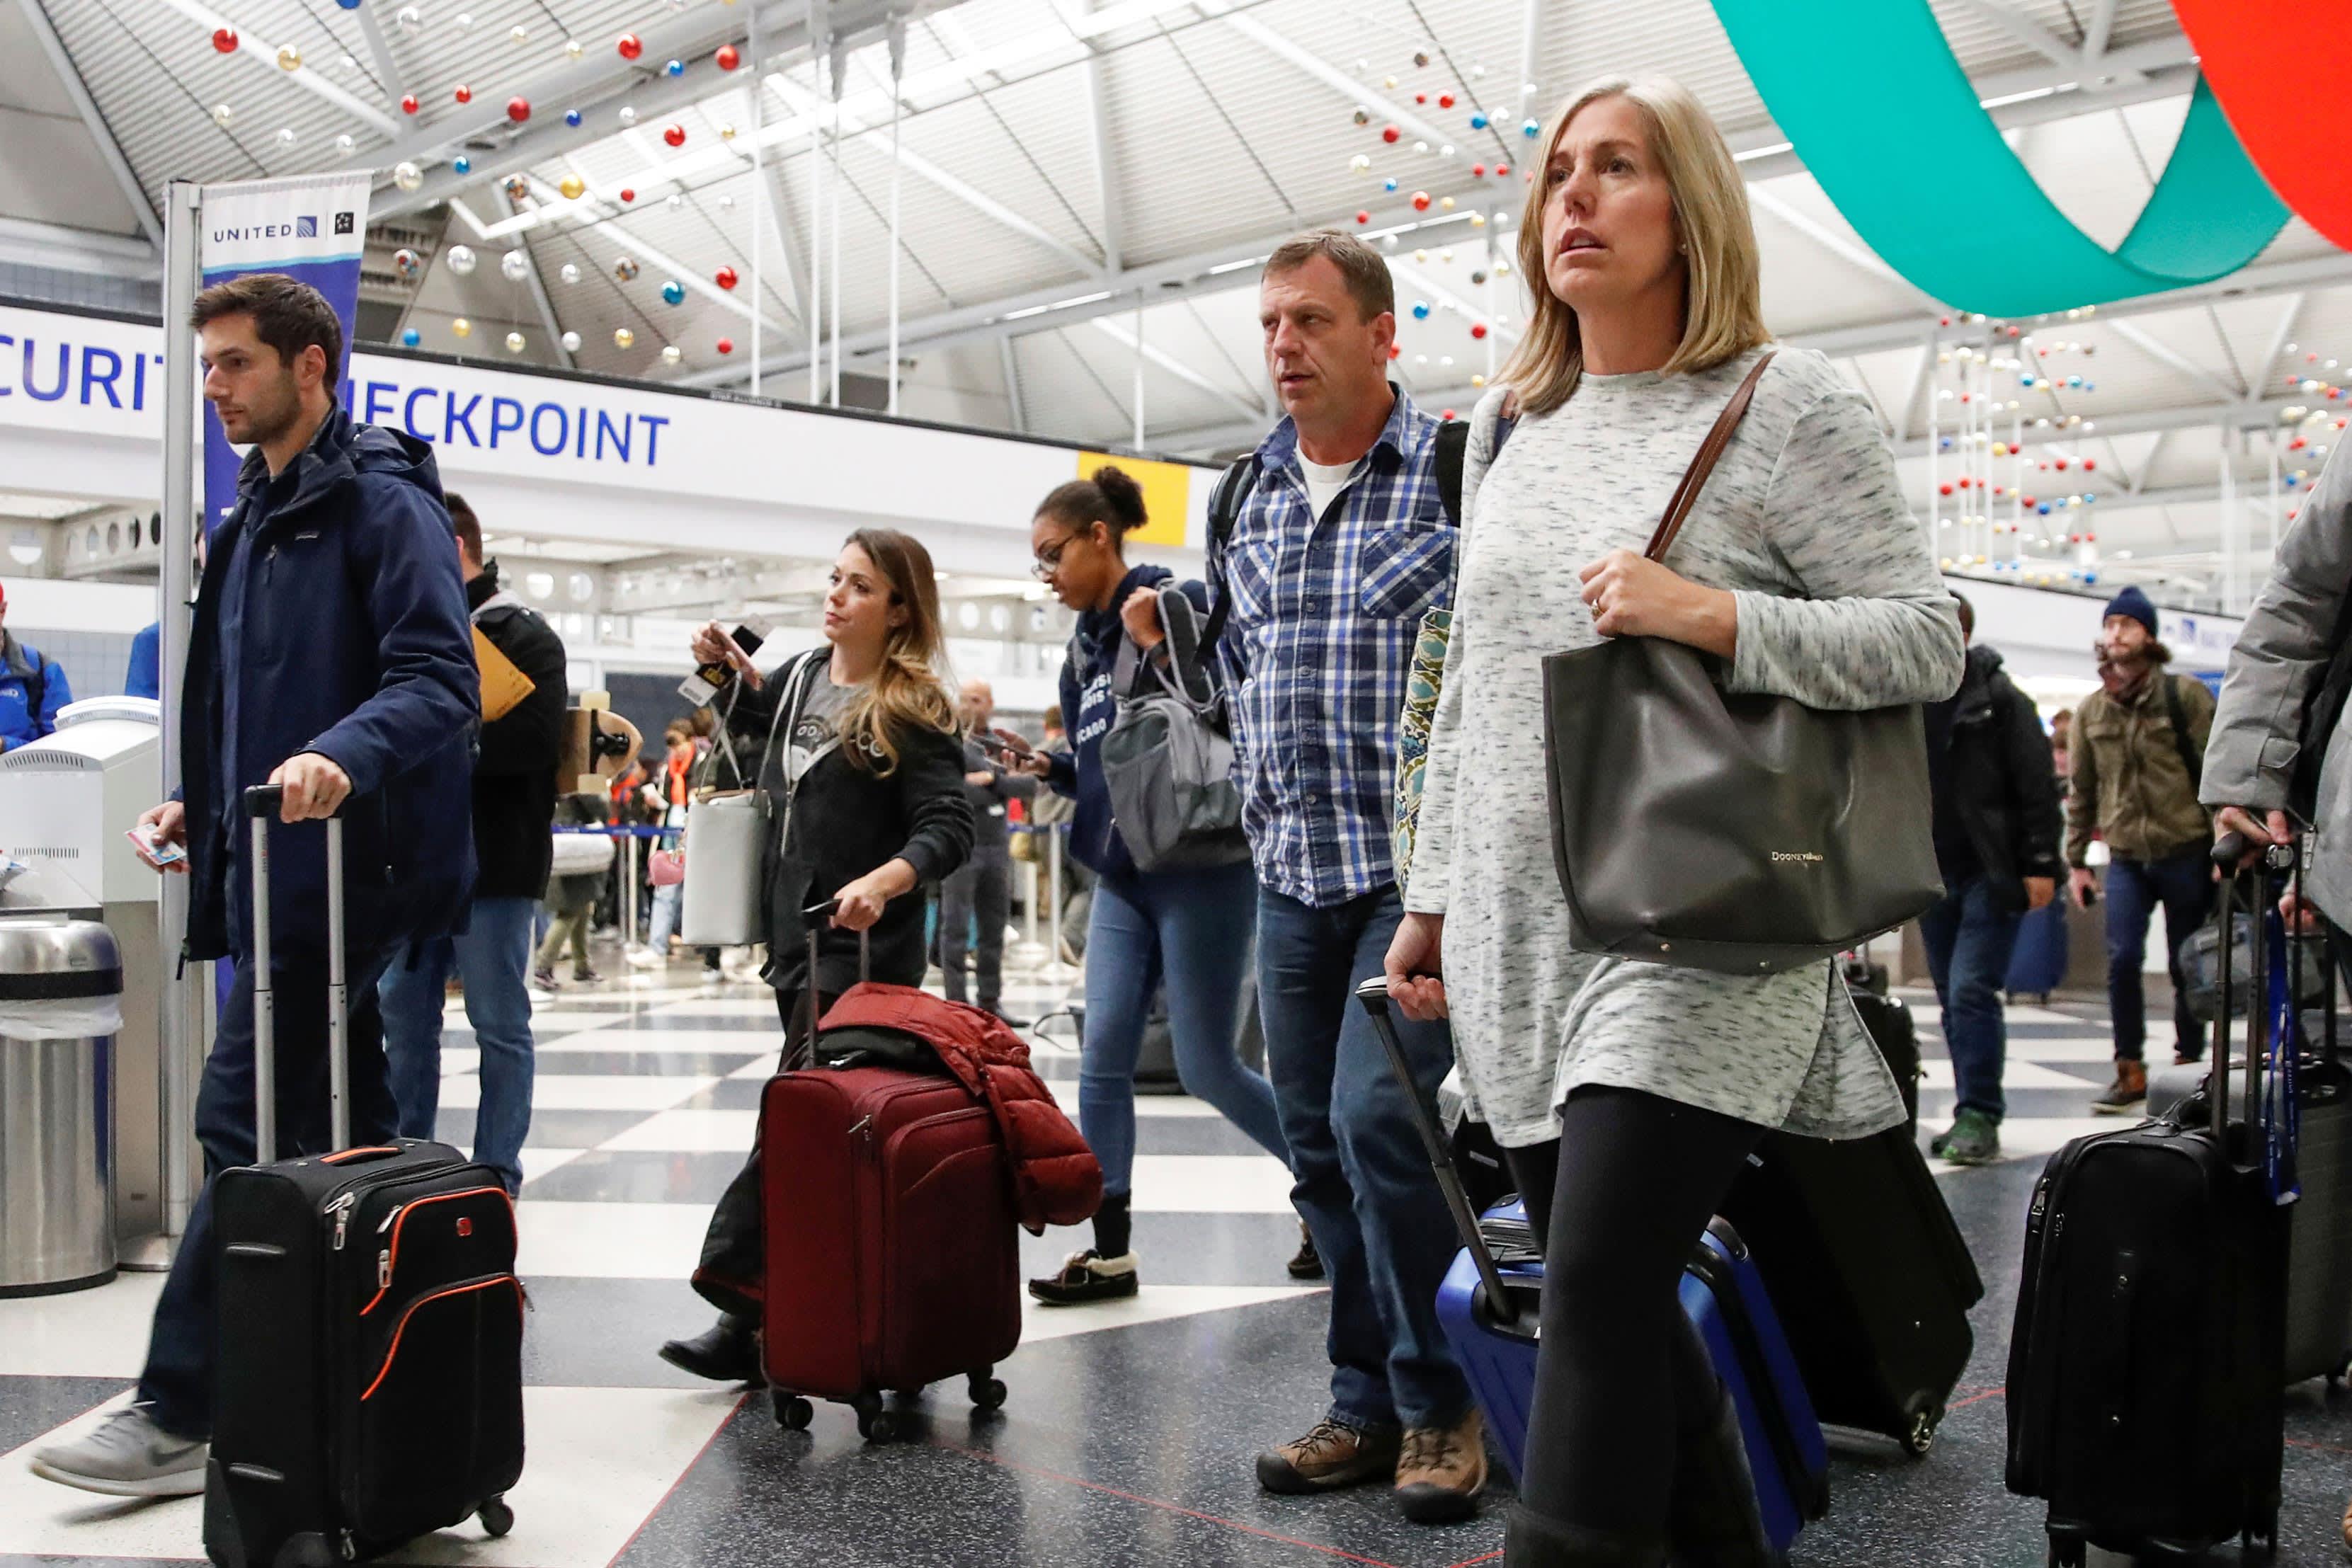 RT: Travelers passengers O